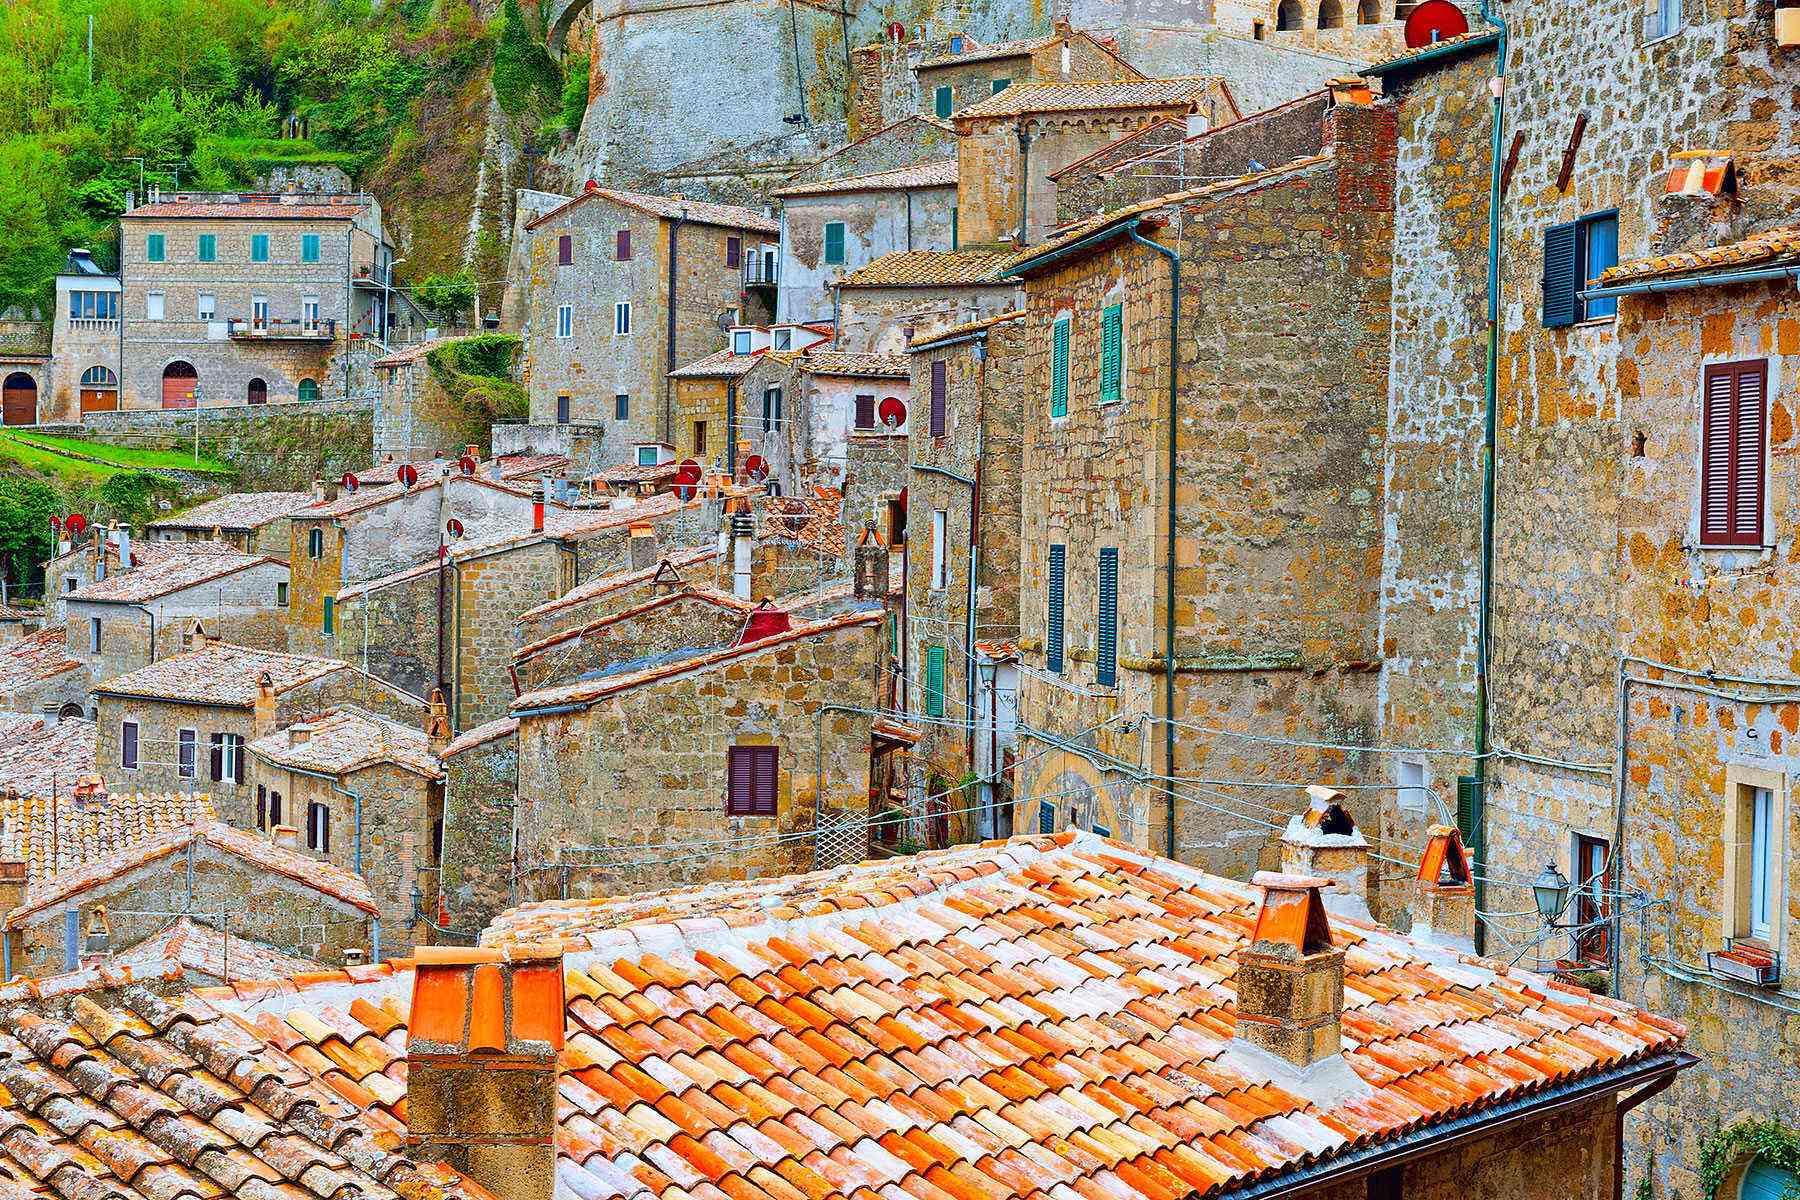 Medieval-Italian-Towns-Sorano-2